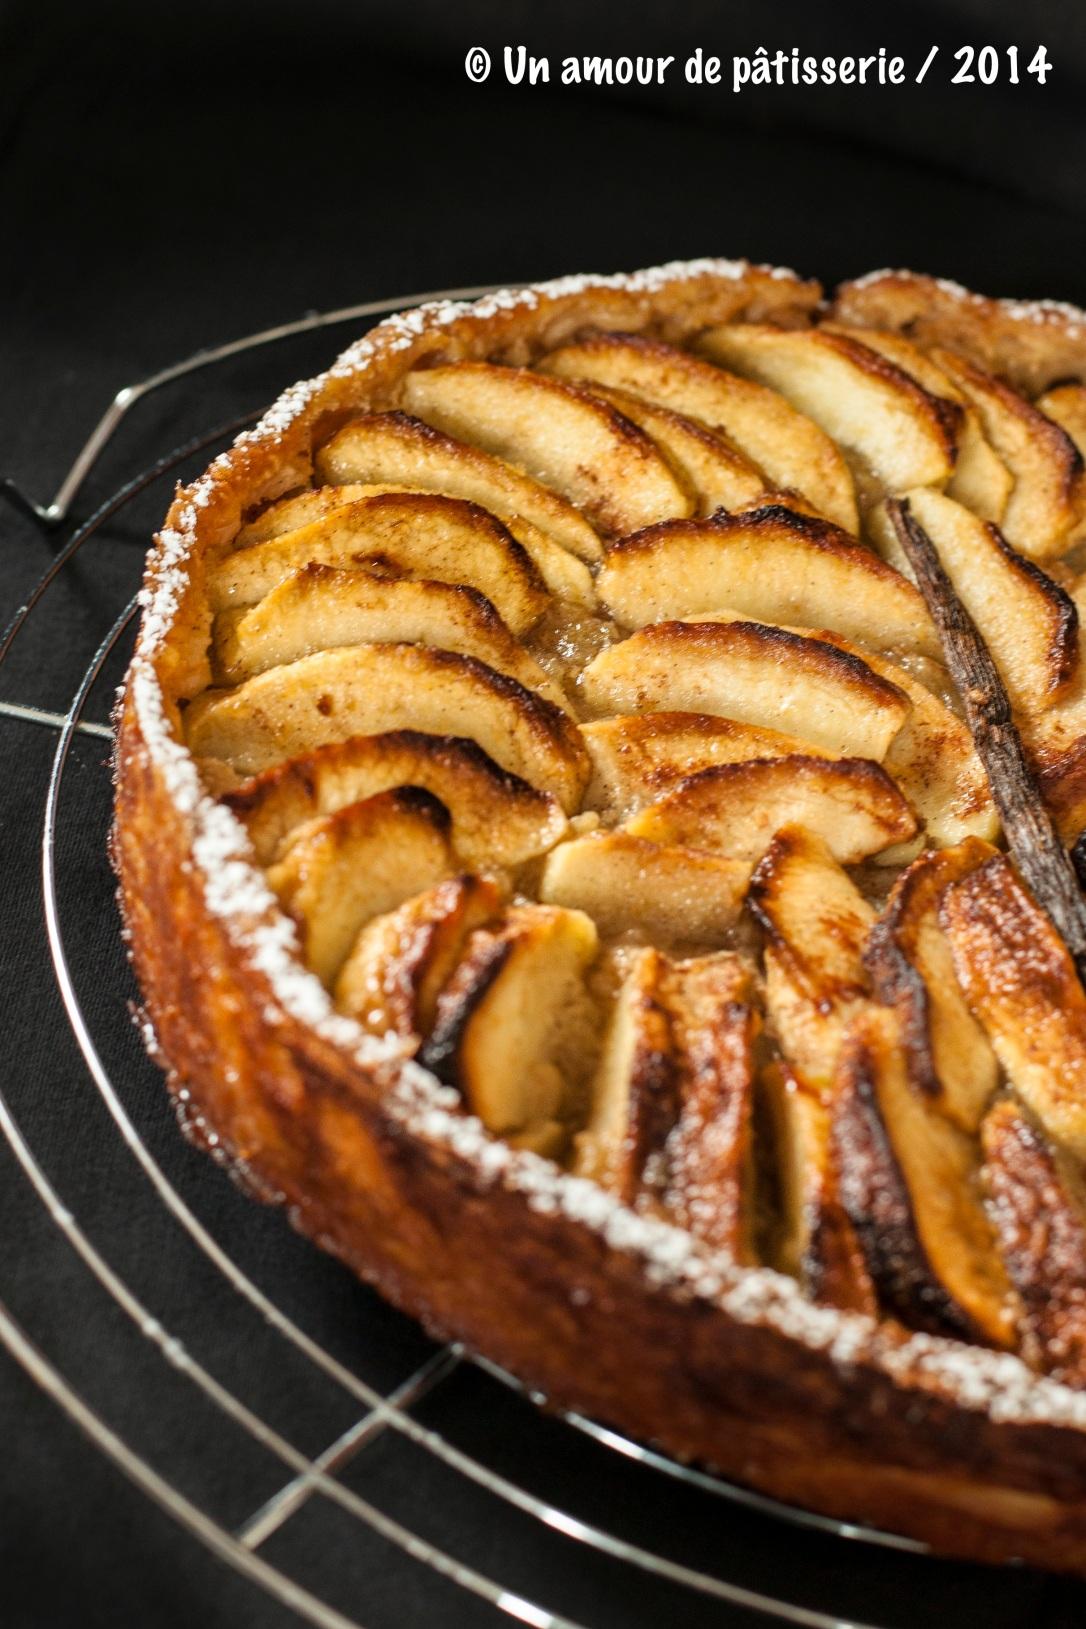 tarte aux pommes ménagère 2 (1 sur 1)